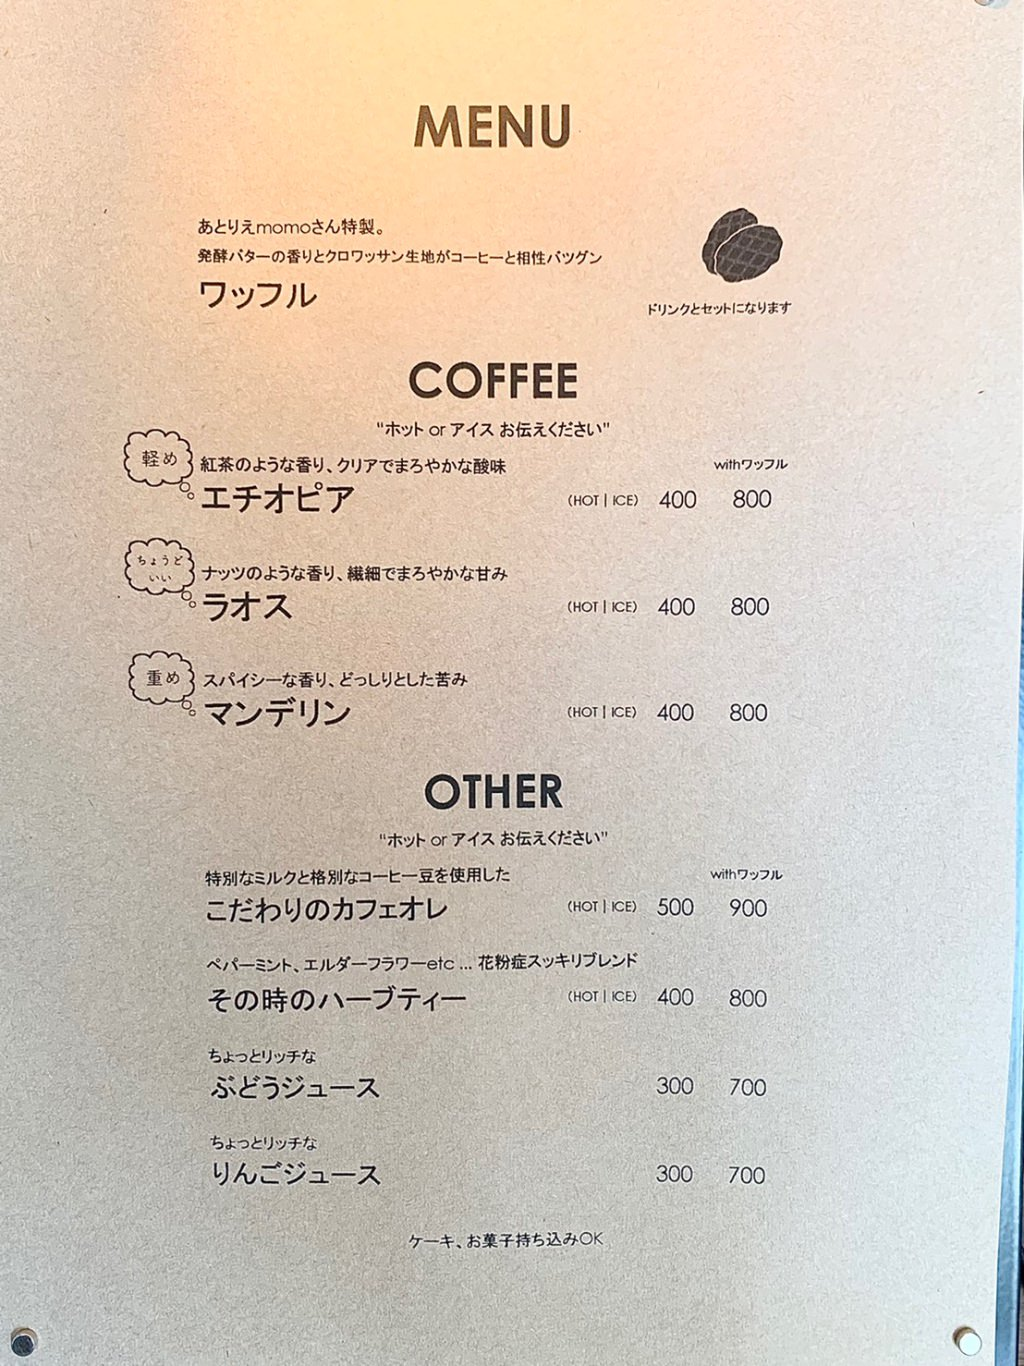 エソラコーヒーのメニュー